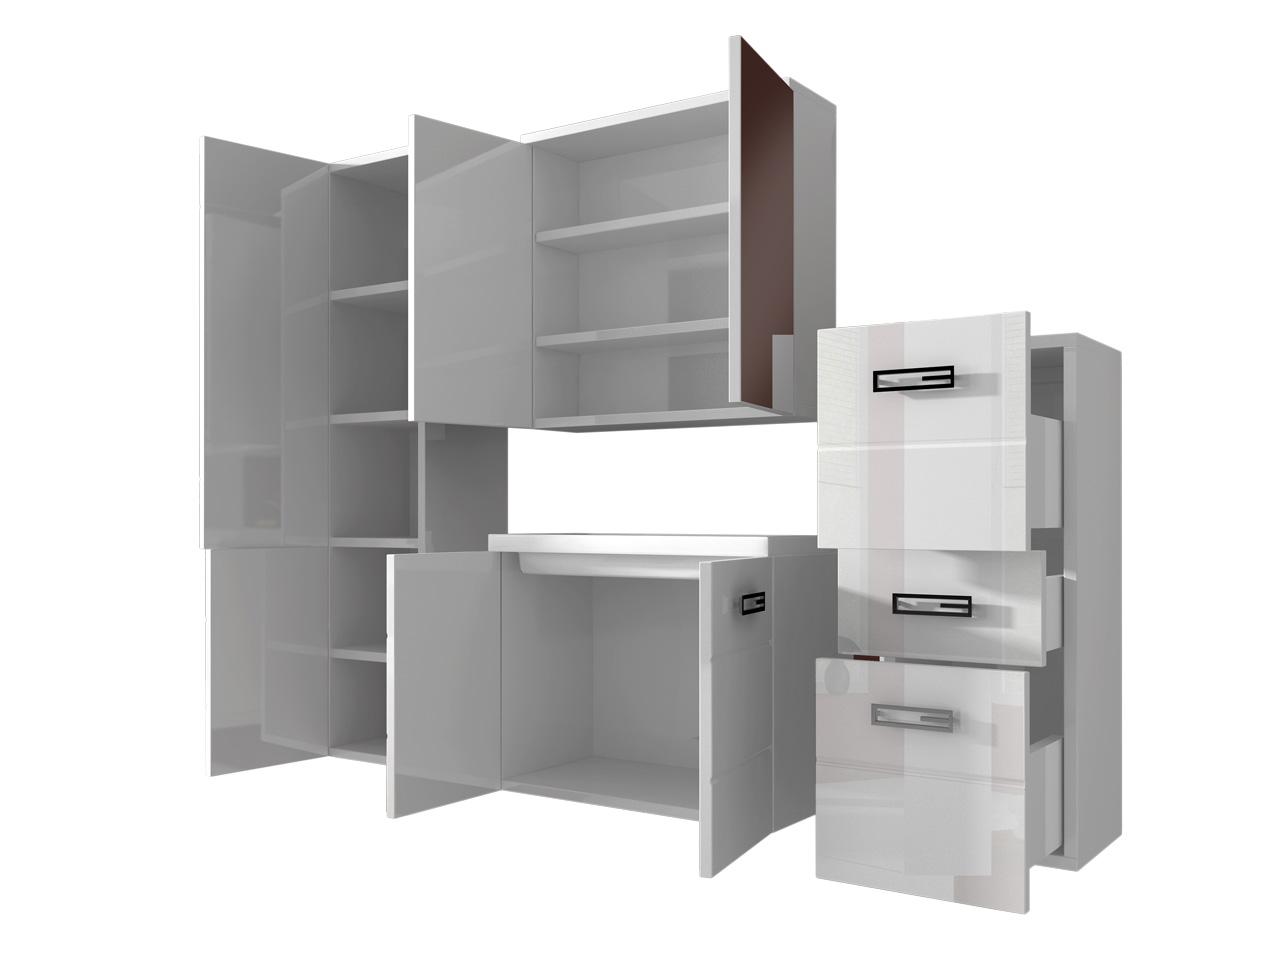 gro es badezimmer set. Black Bedroom Furniture Sets. Home Design Ideas